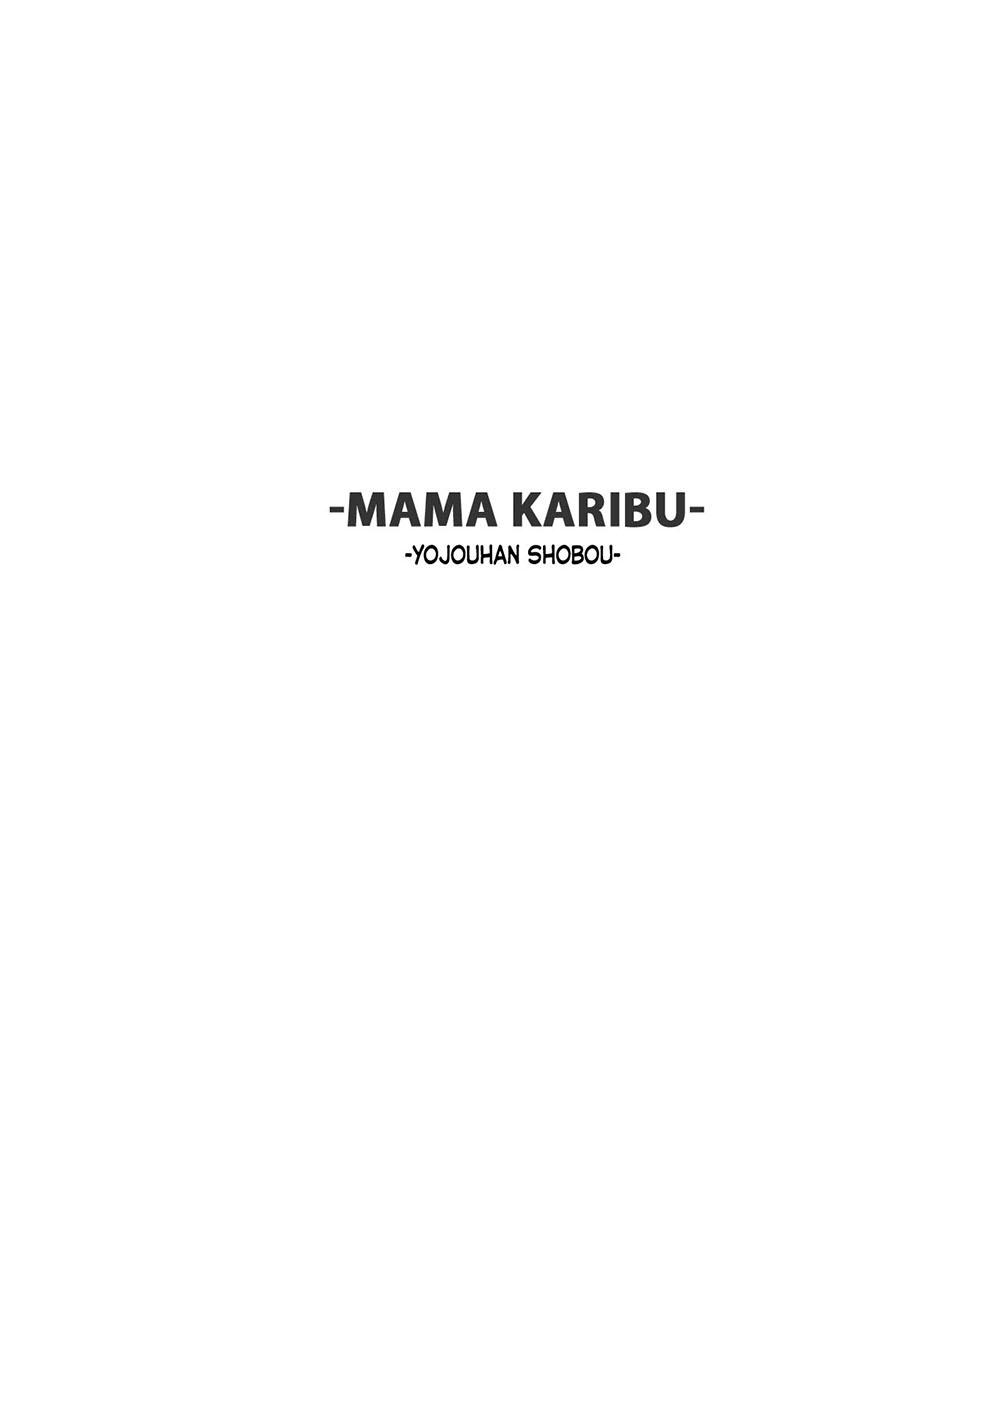 MAMA KARIBU